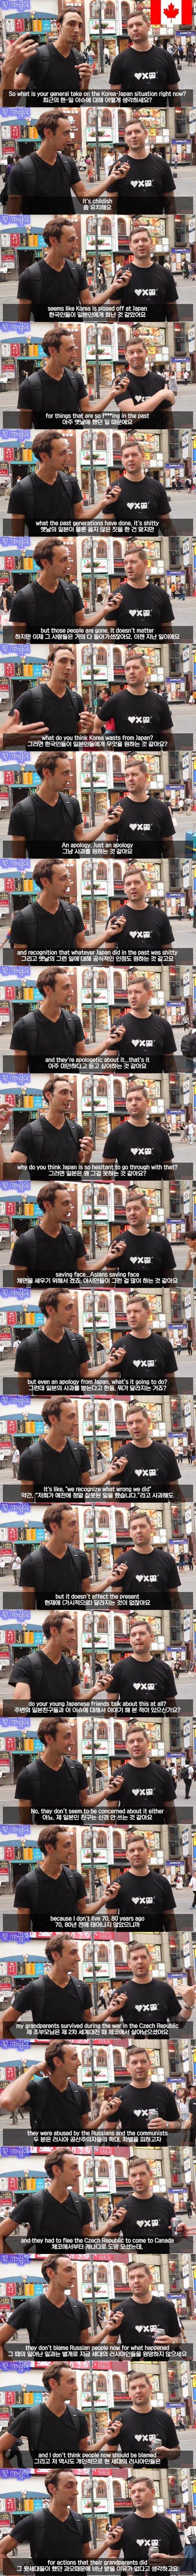 외국인이 생각하는 한일갈등